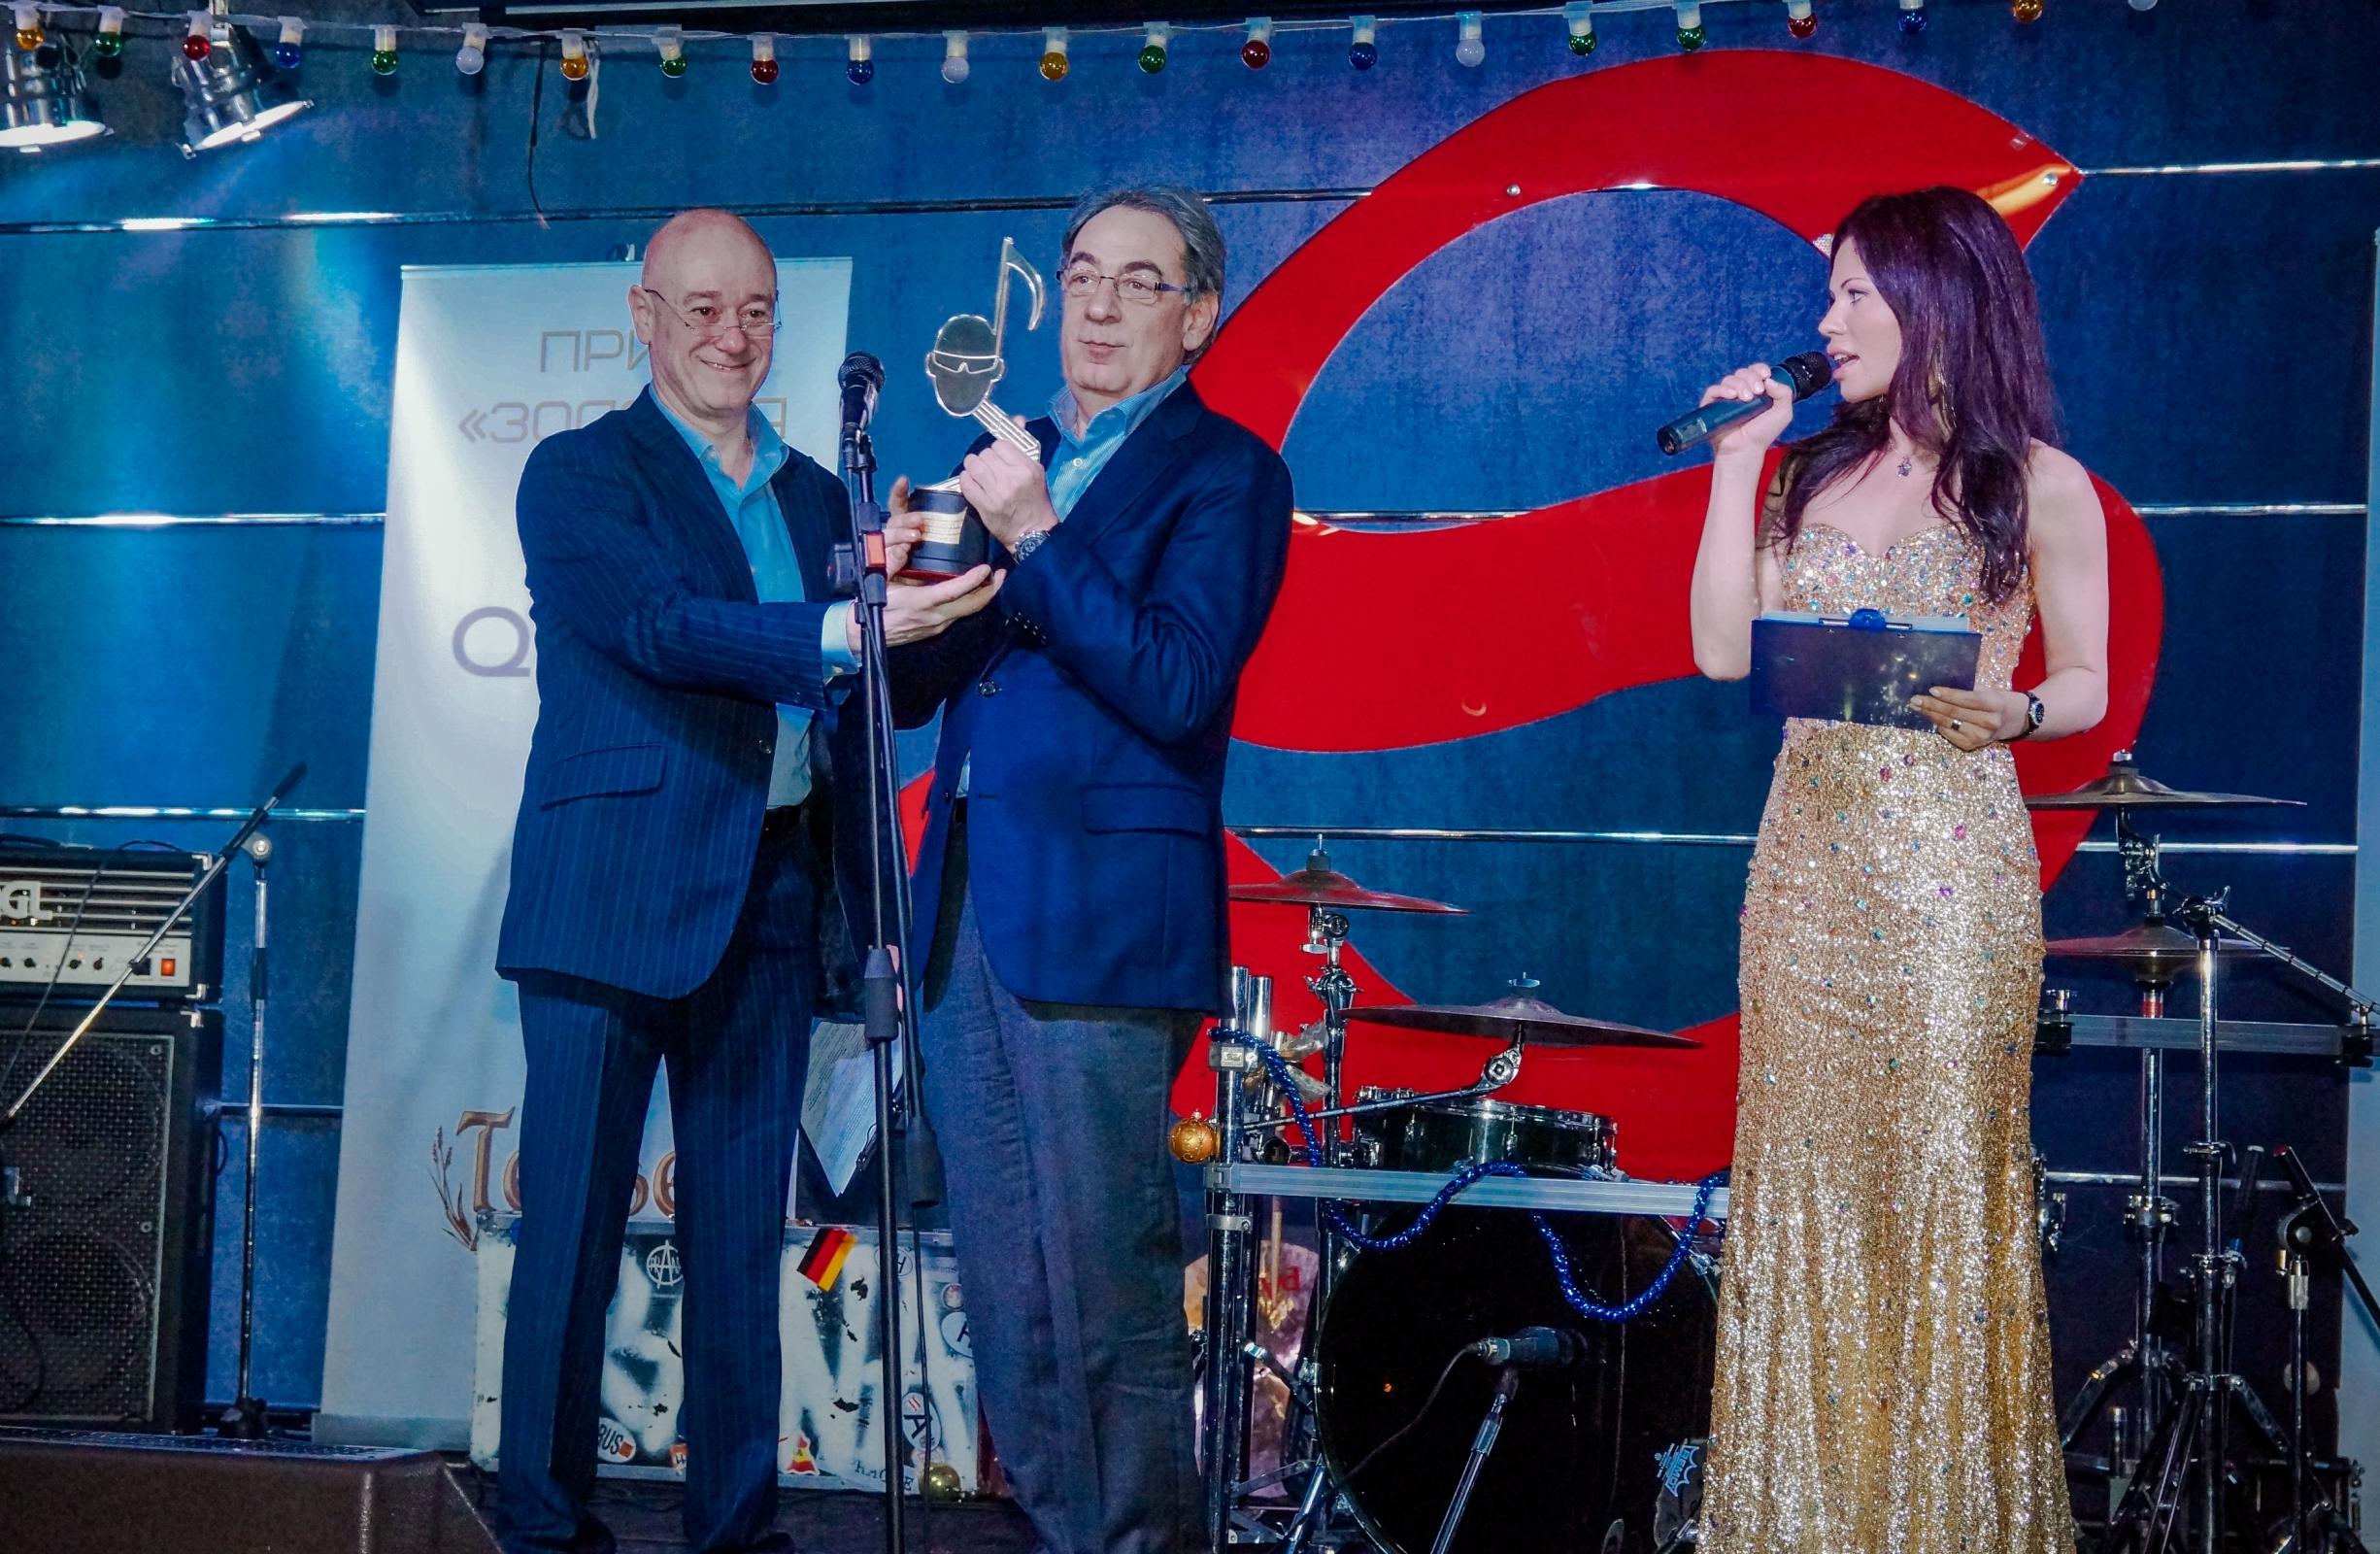 DSC08962 e1419593991899 - Вручение призов «Золотая Нота»  за выдающиеся достижения в отечественном шоу-бизнесе